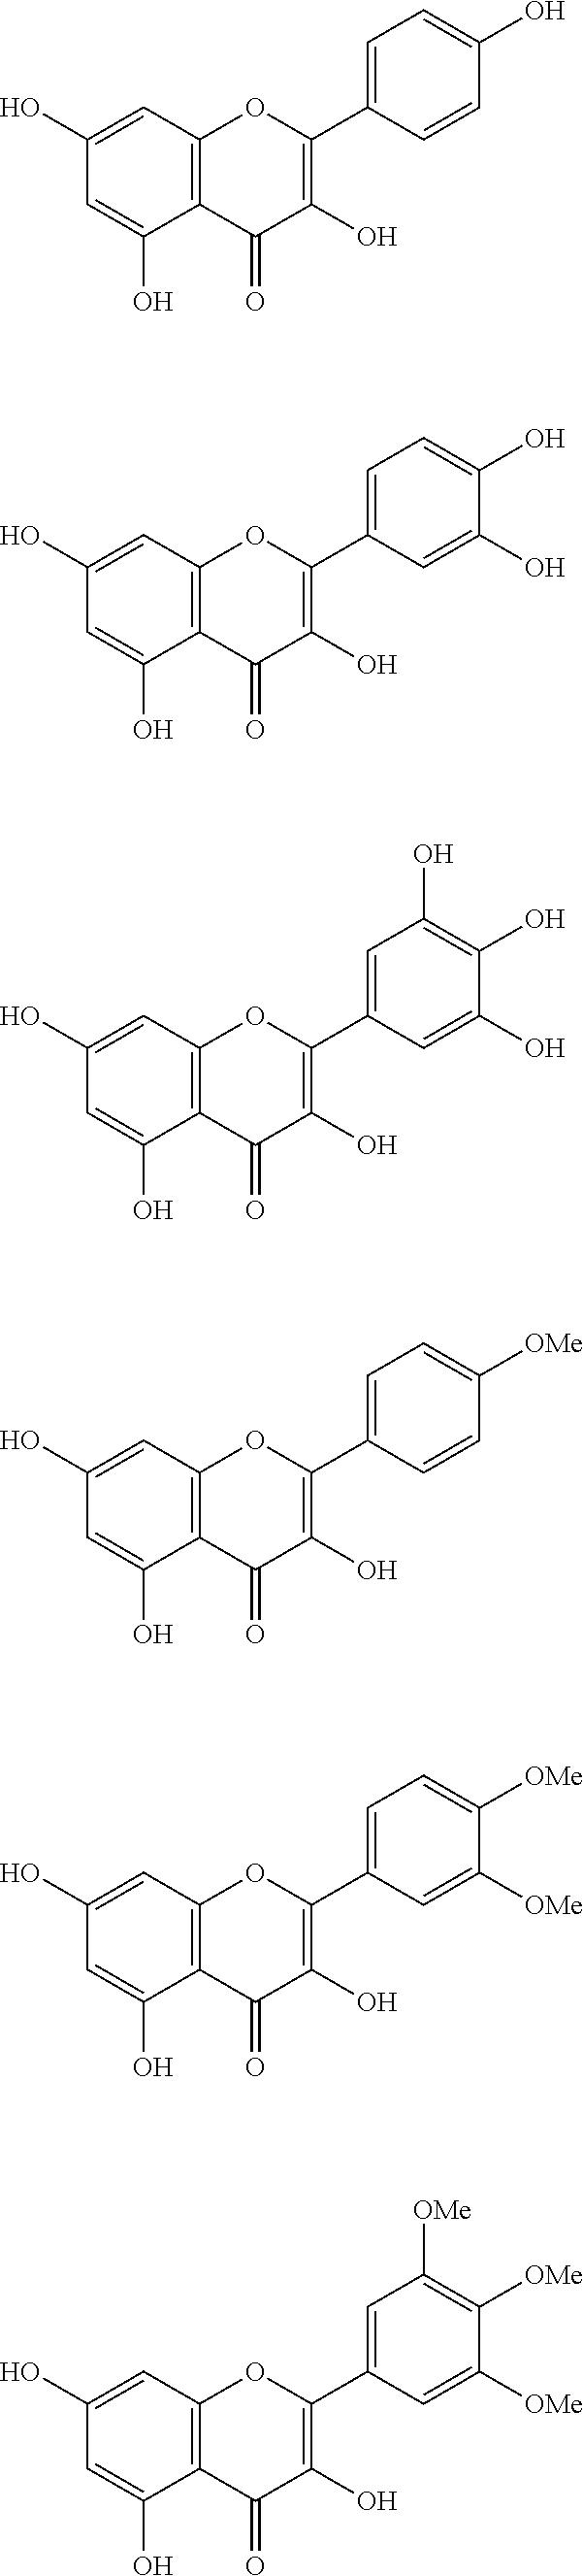 Figure US09962344-20180508-C00166